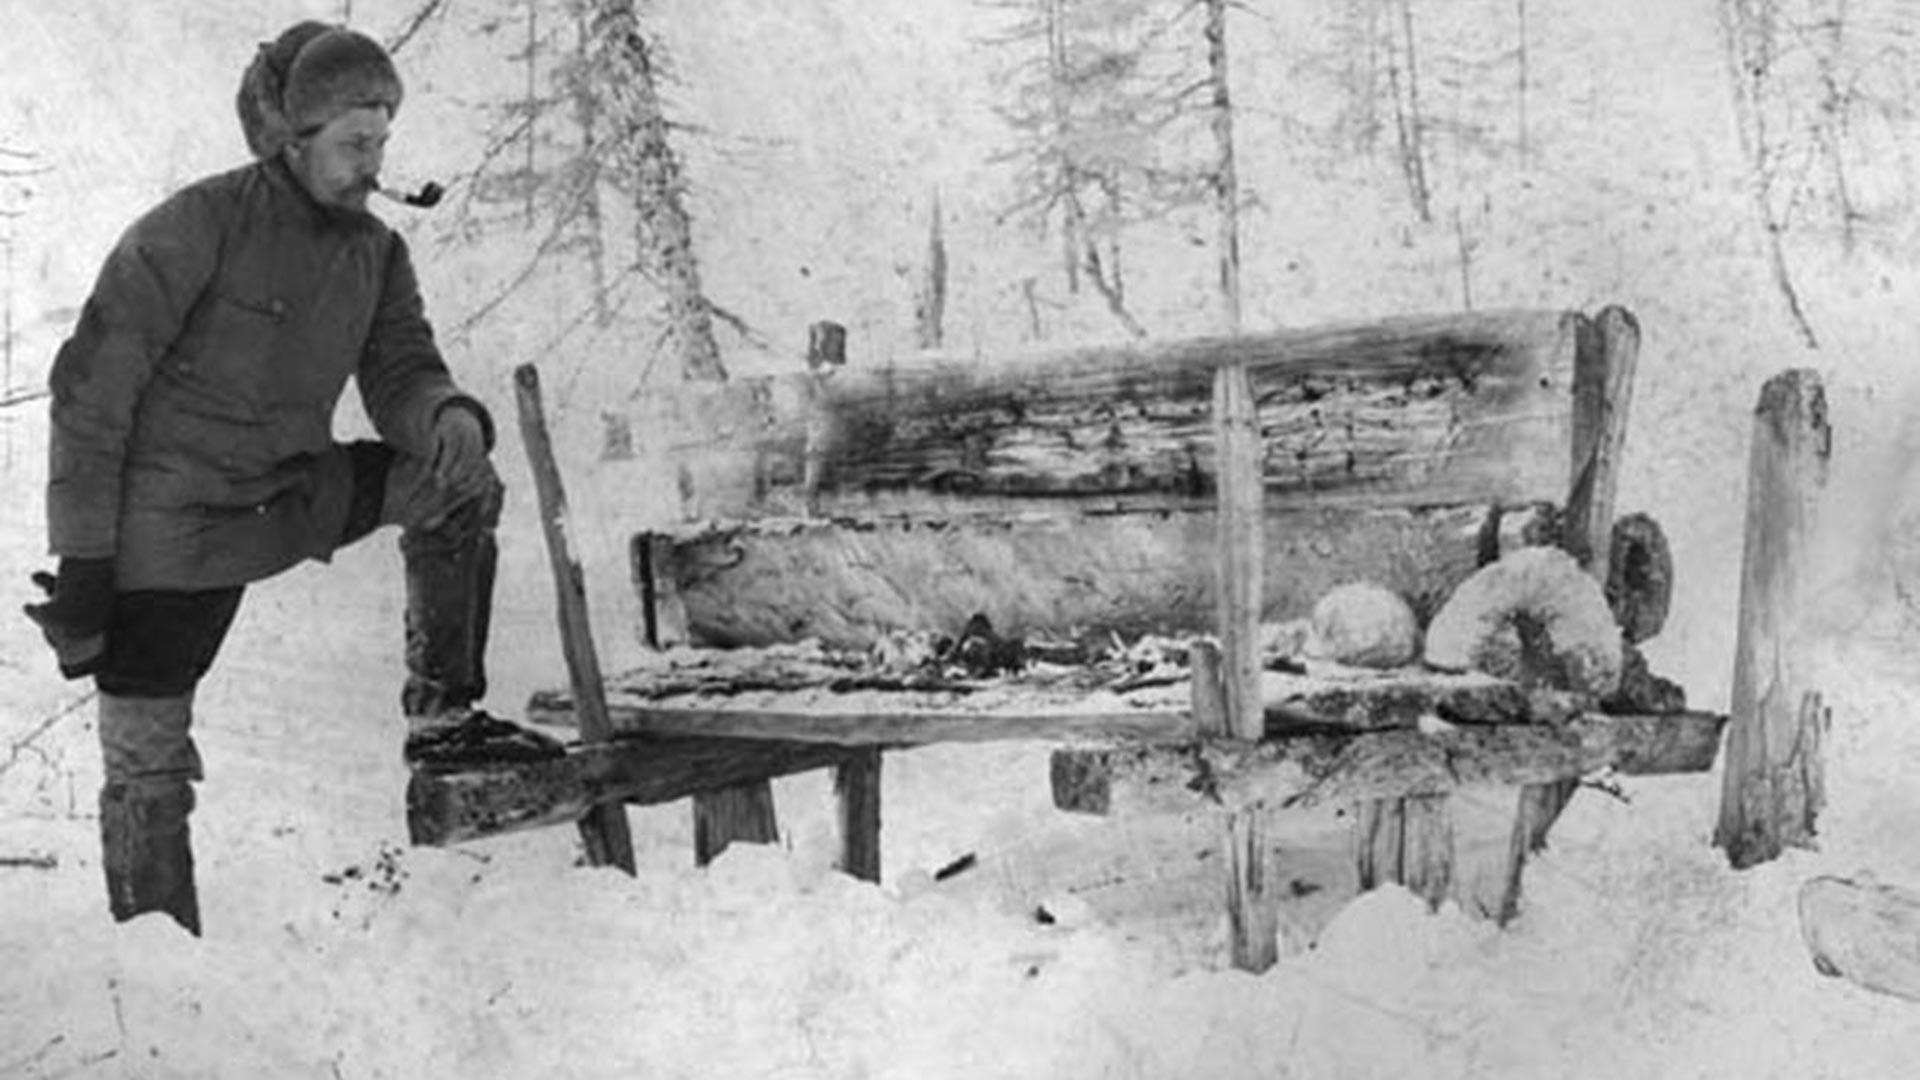 Етнографът В.Н. Василиев в Якутия, Енисейска губерния, 1905 г.